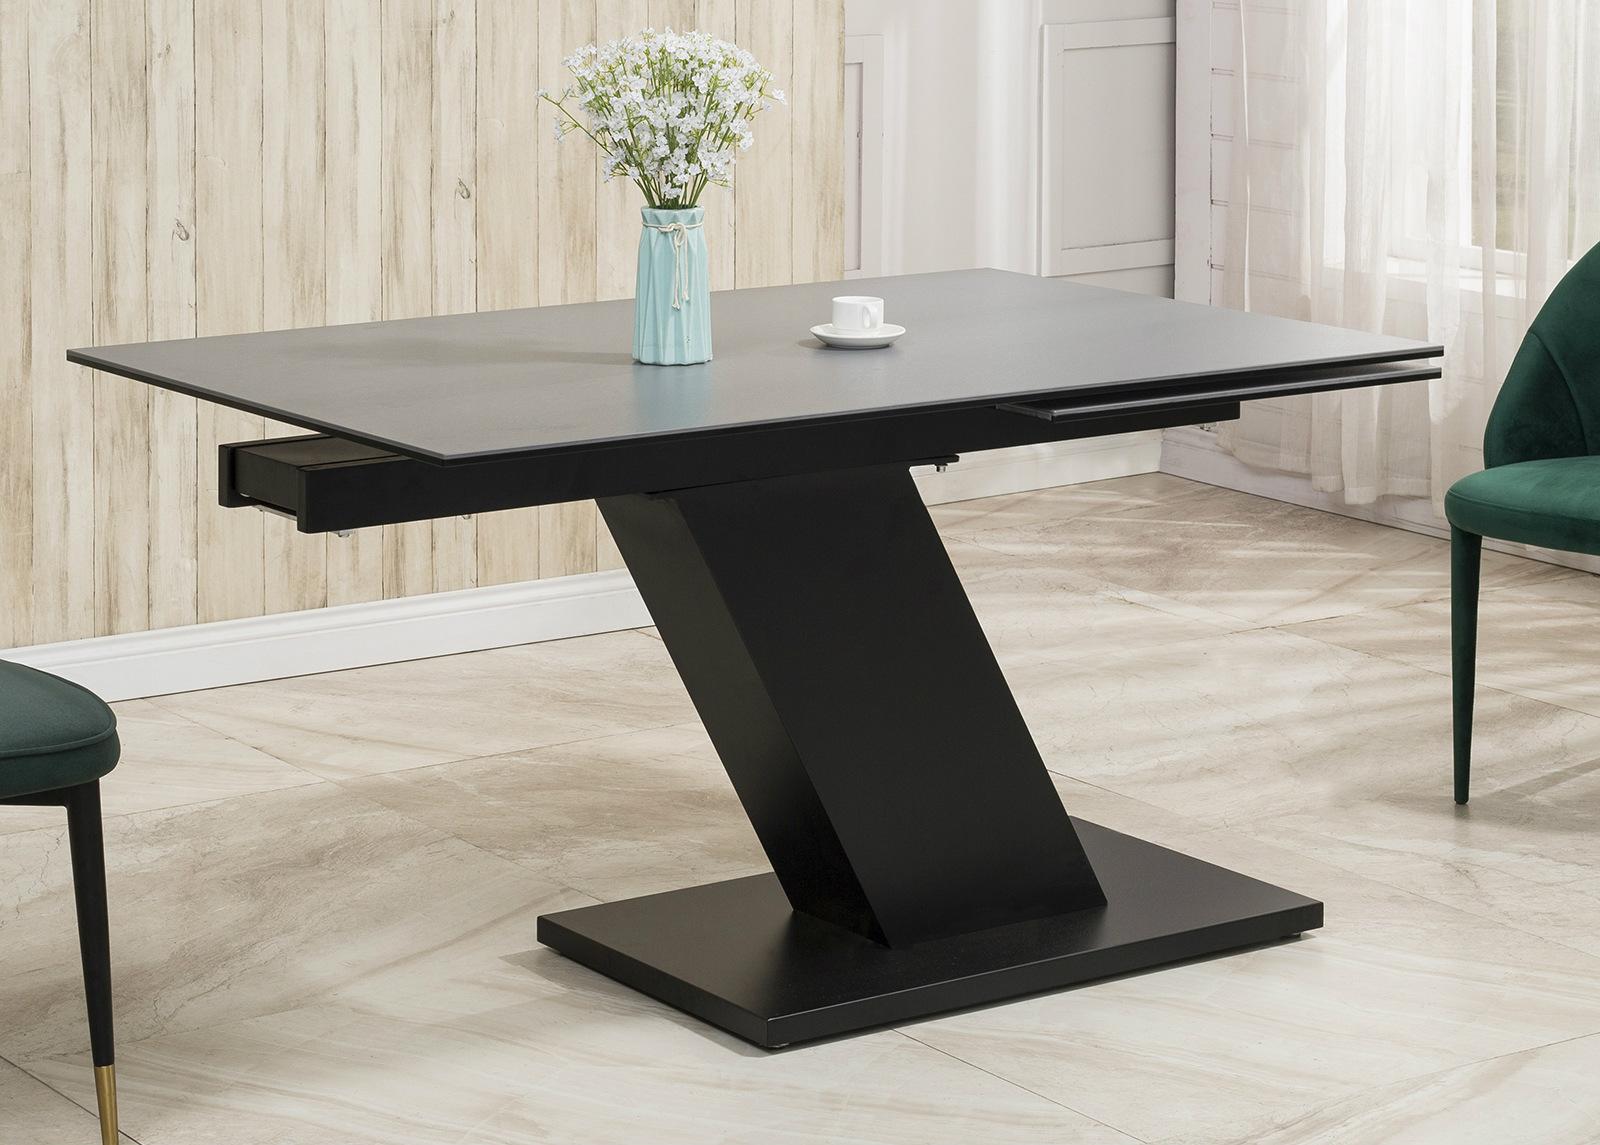 Jatkettava ruokapöytä Tische 140-200x90 cm